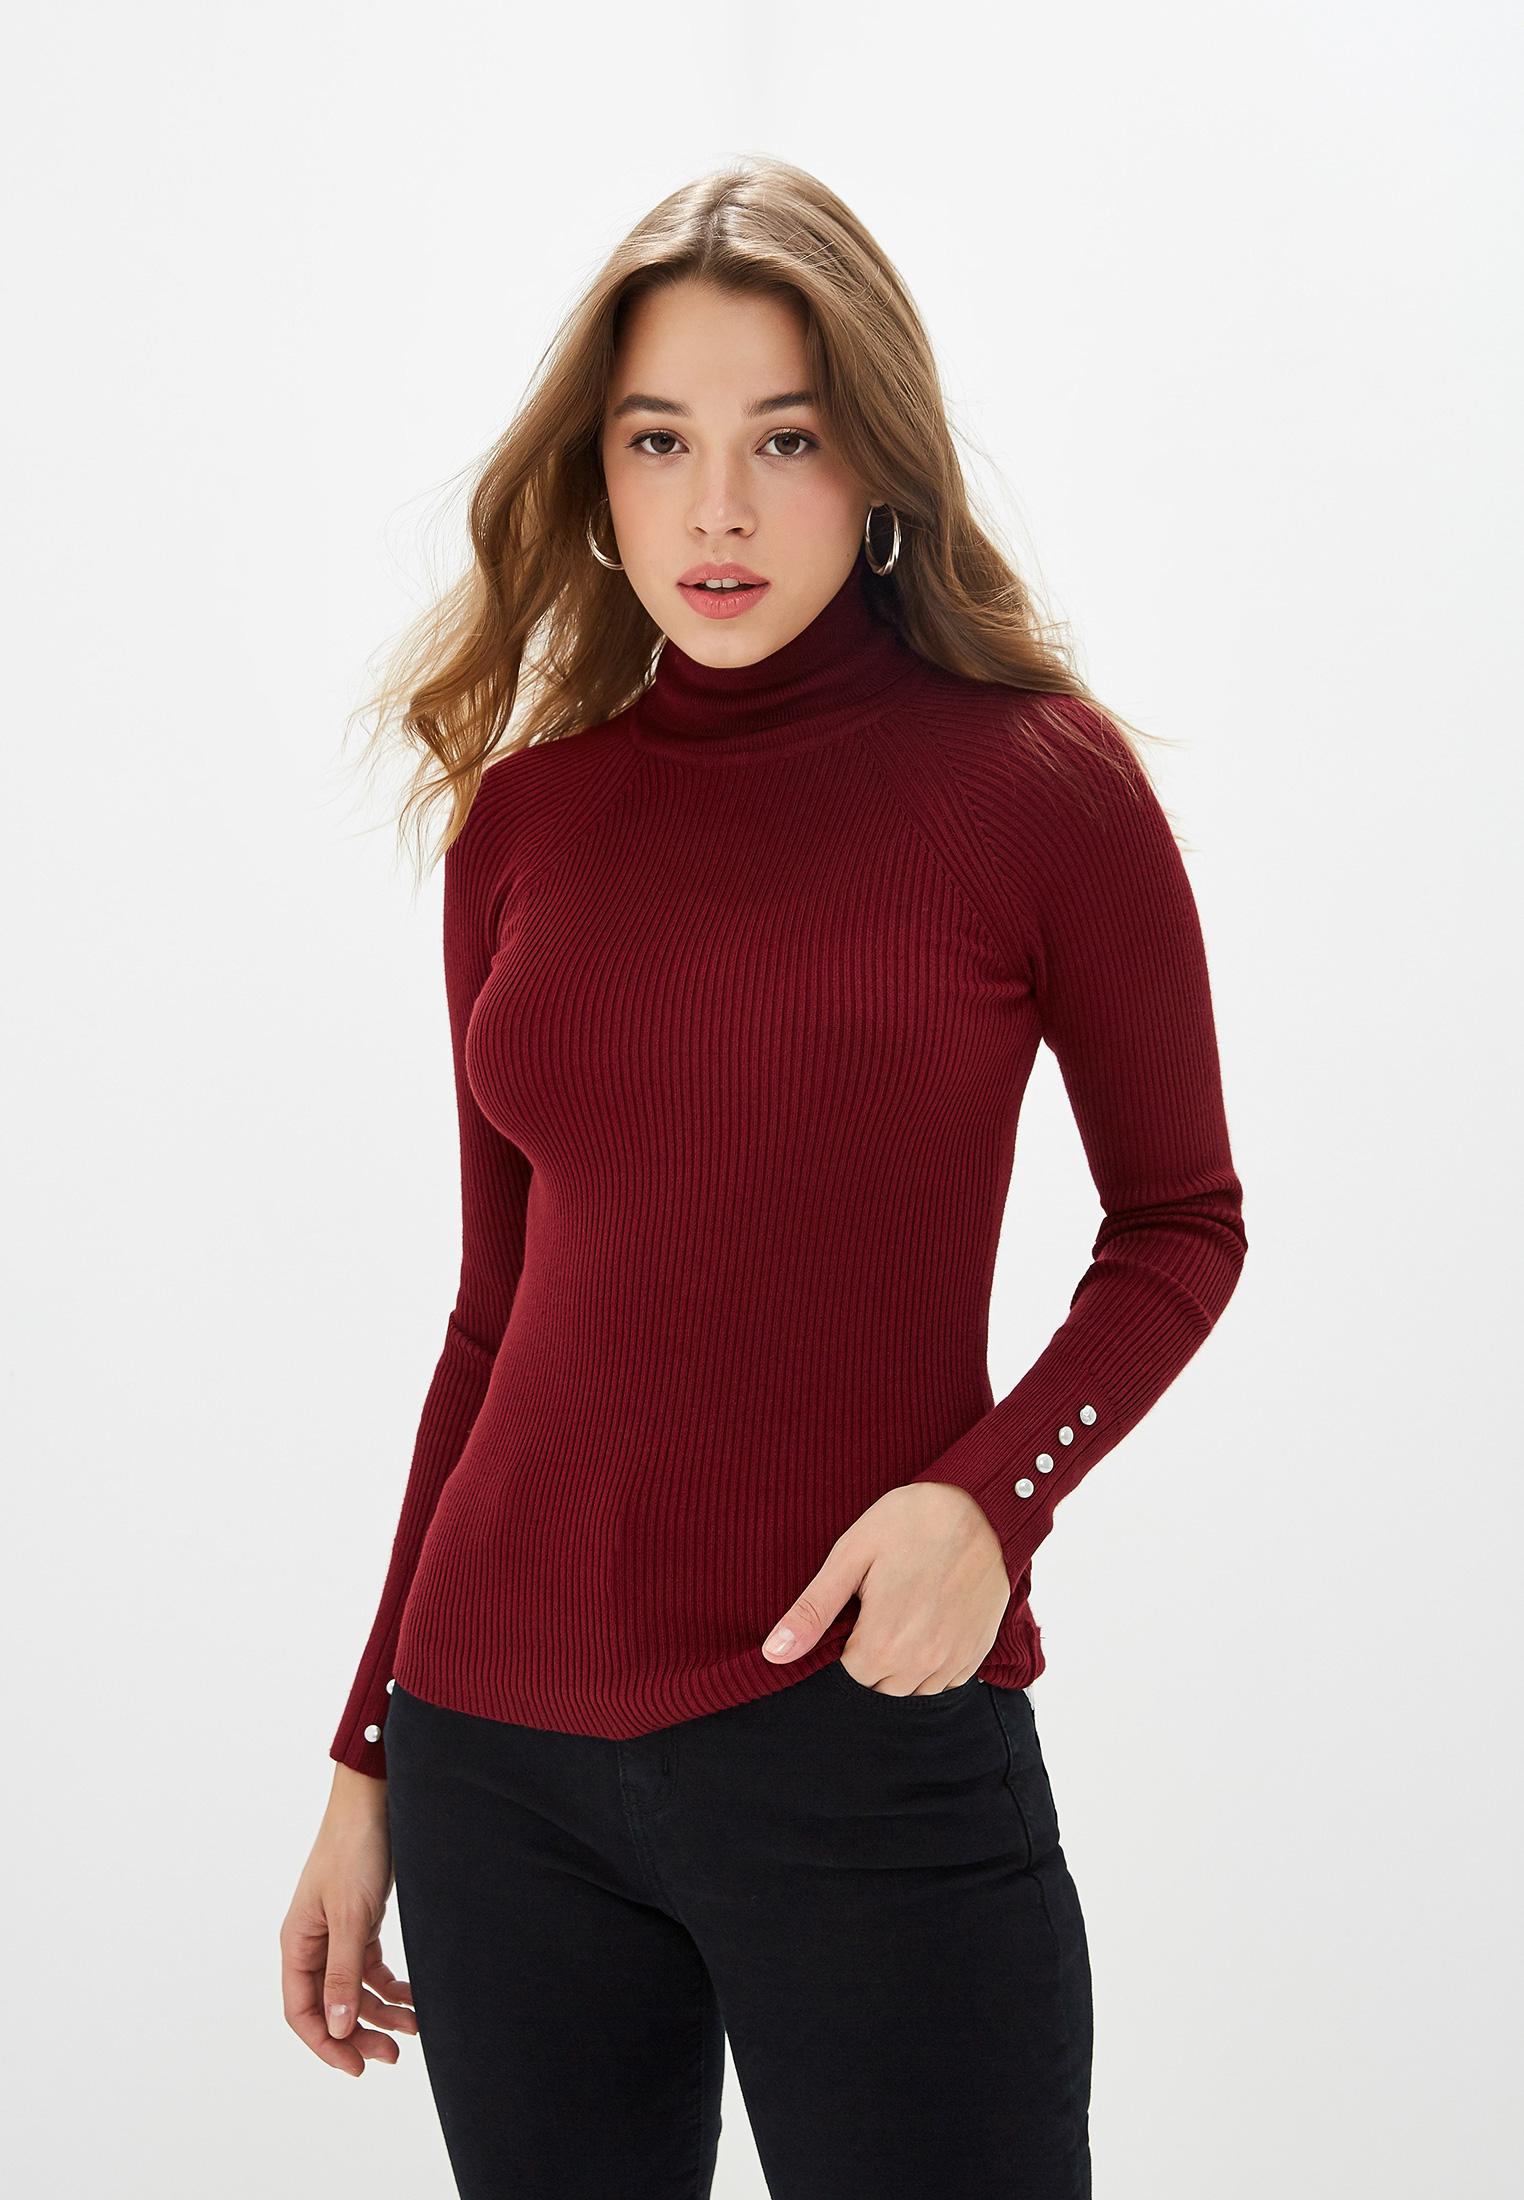 Водолазка, Zarina, цвет: бордовый. Артикул: MP002XW0RD9F. Одежда / Джемперы, свитеры и кардиганы